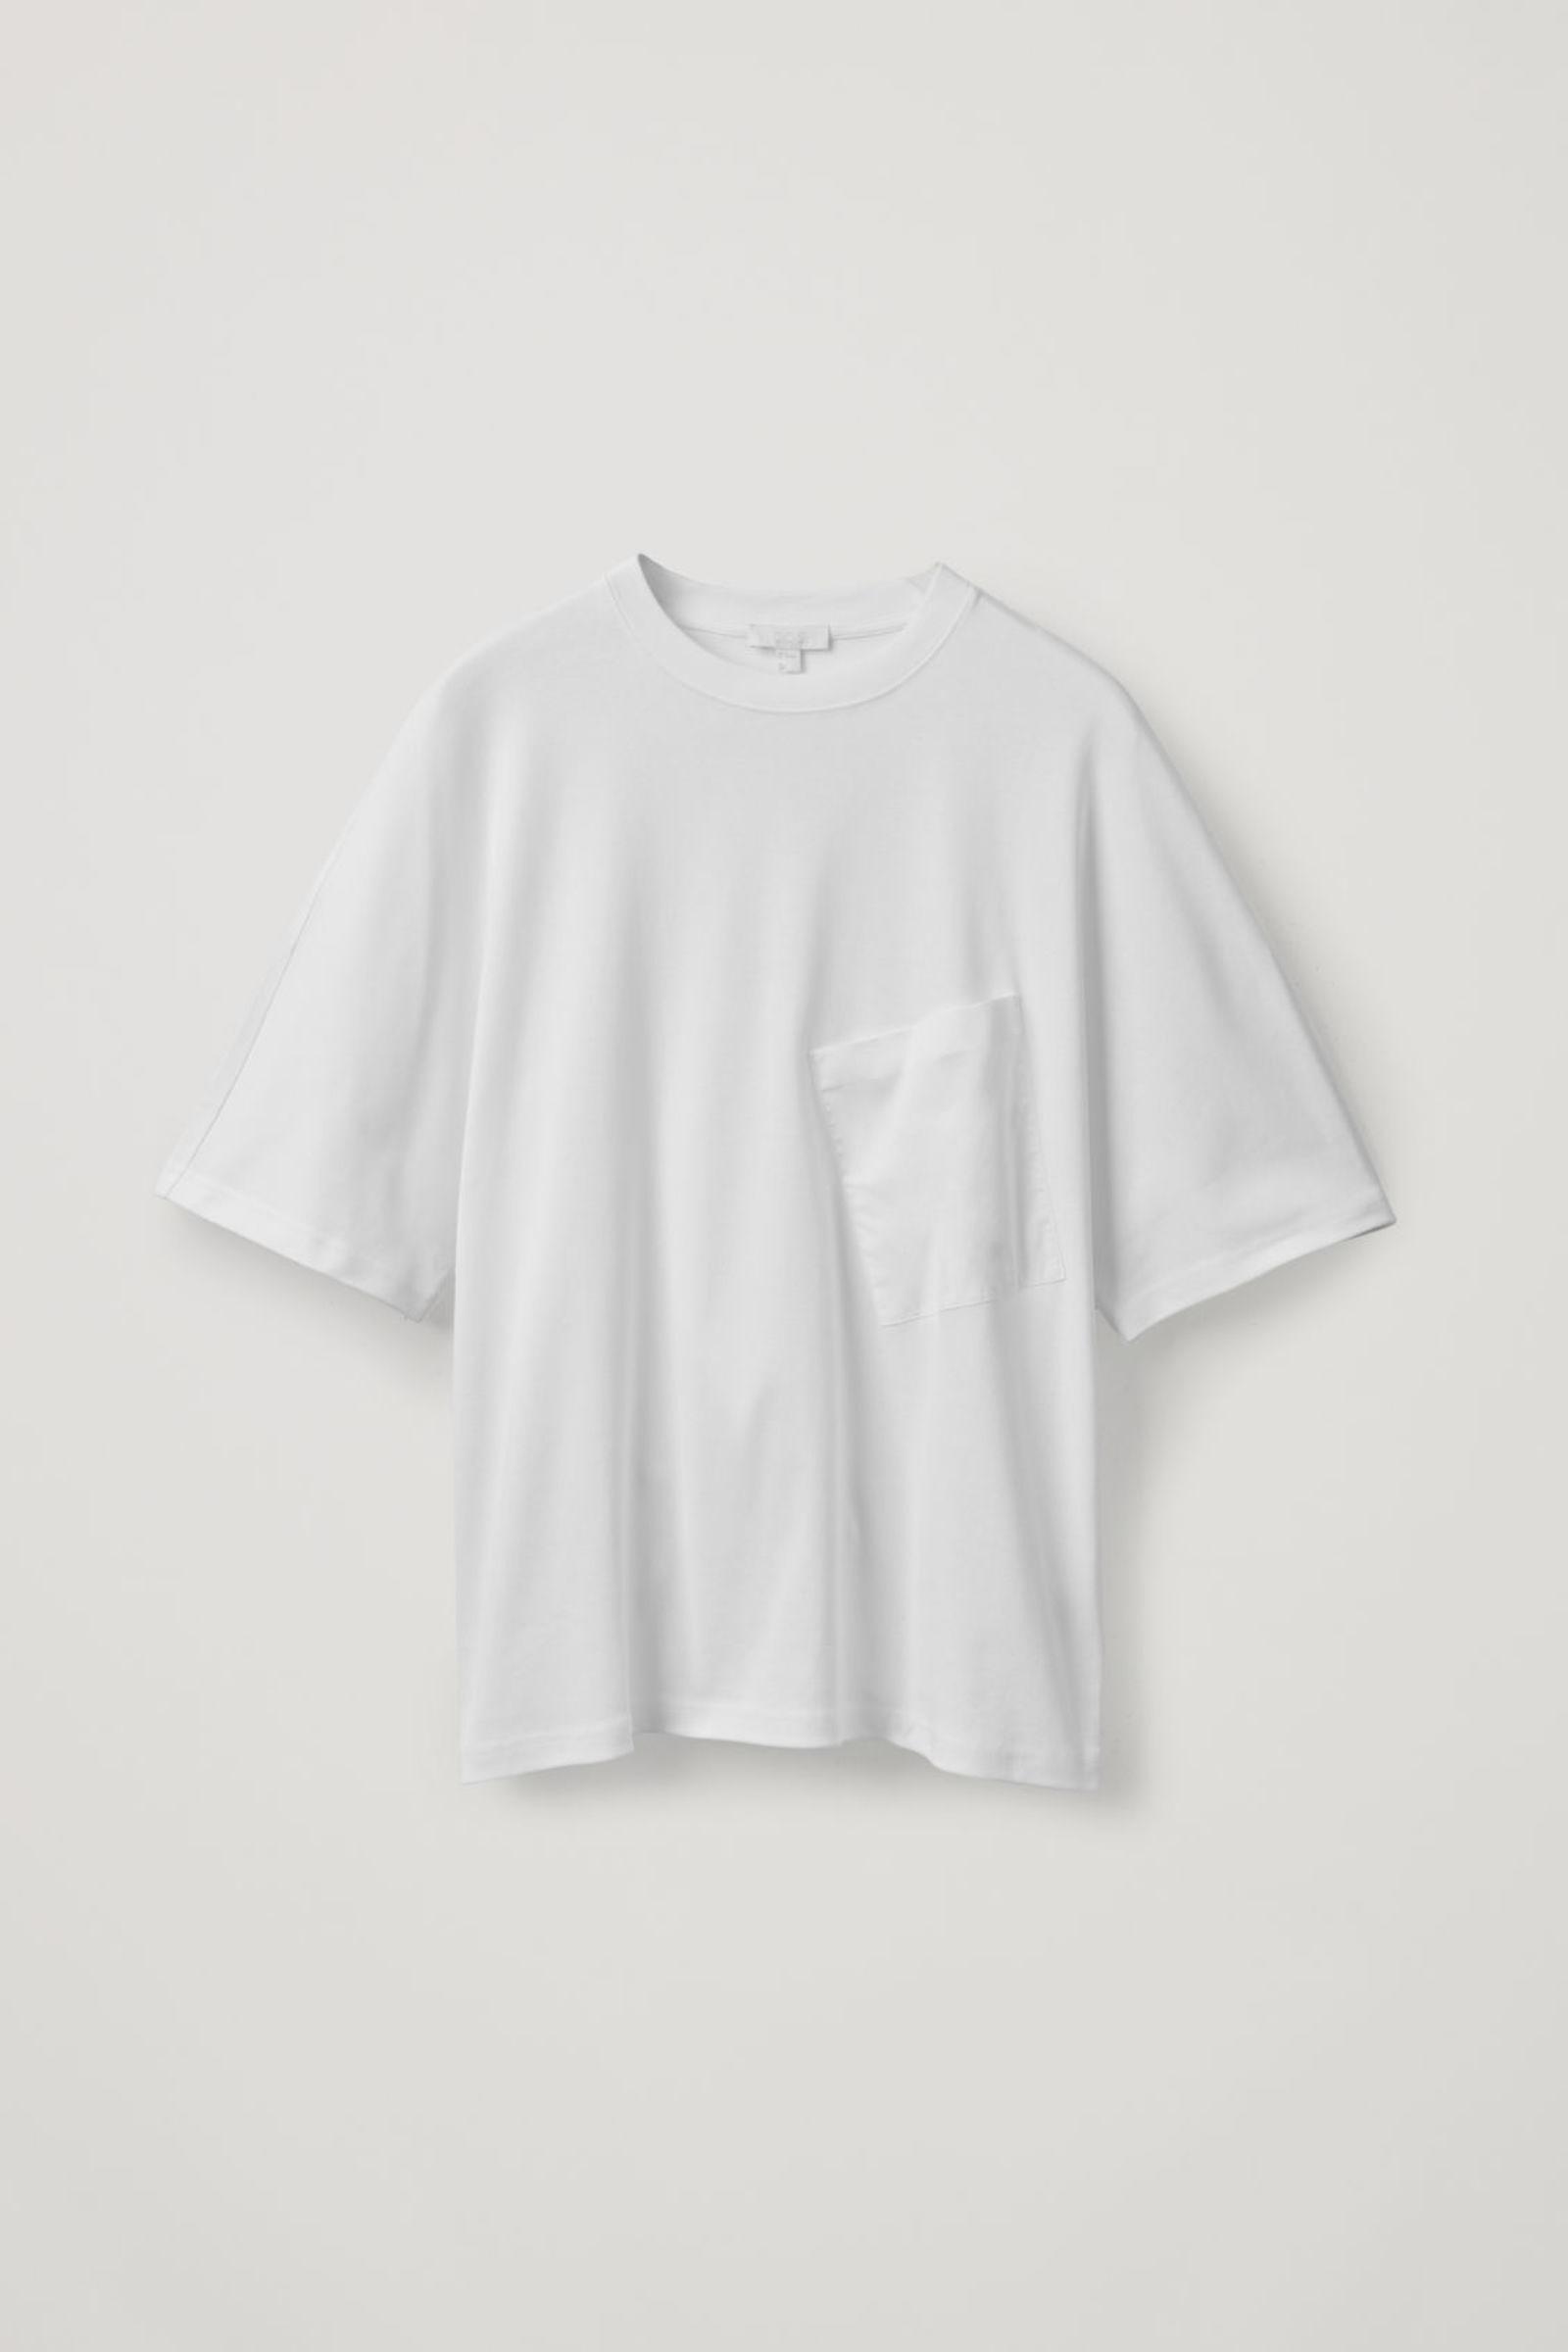 COS 앵글 포켓 티셔츠의 화이트컬러 Product입니다.